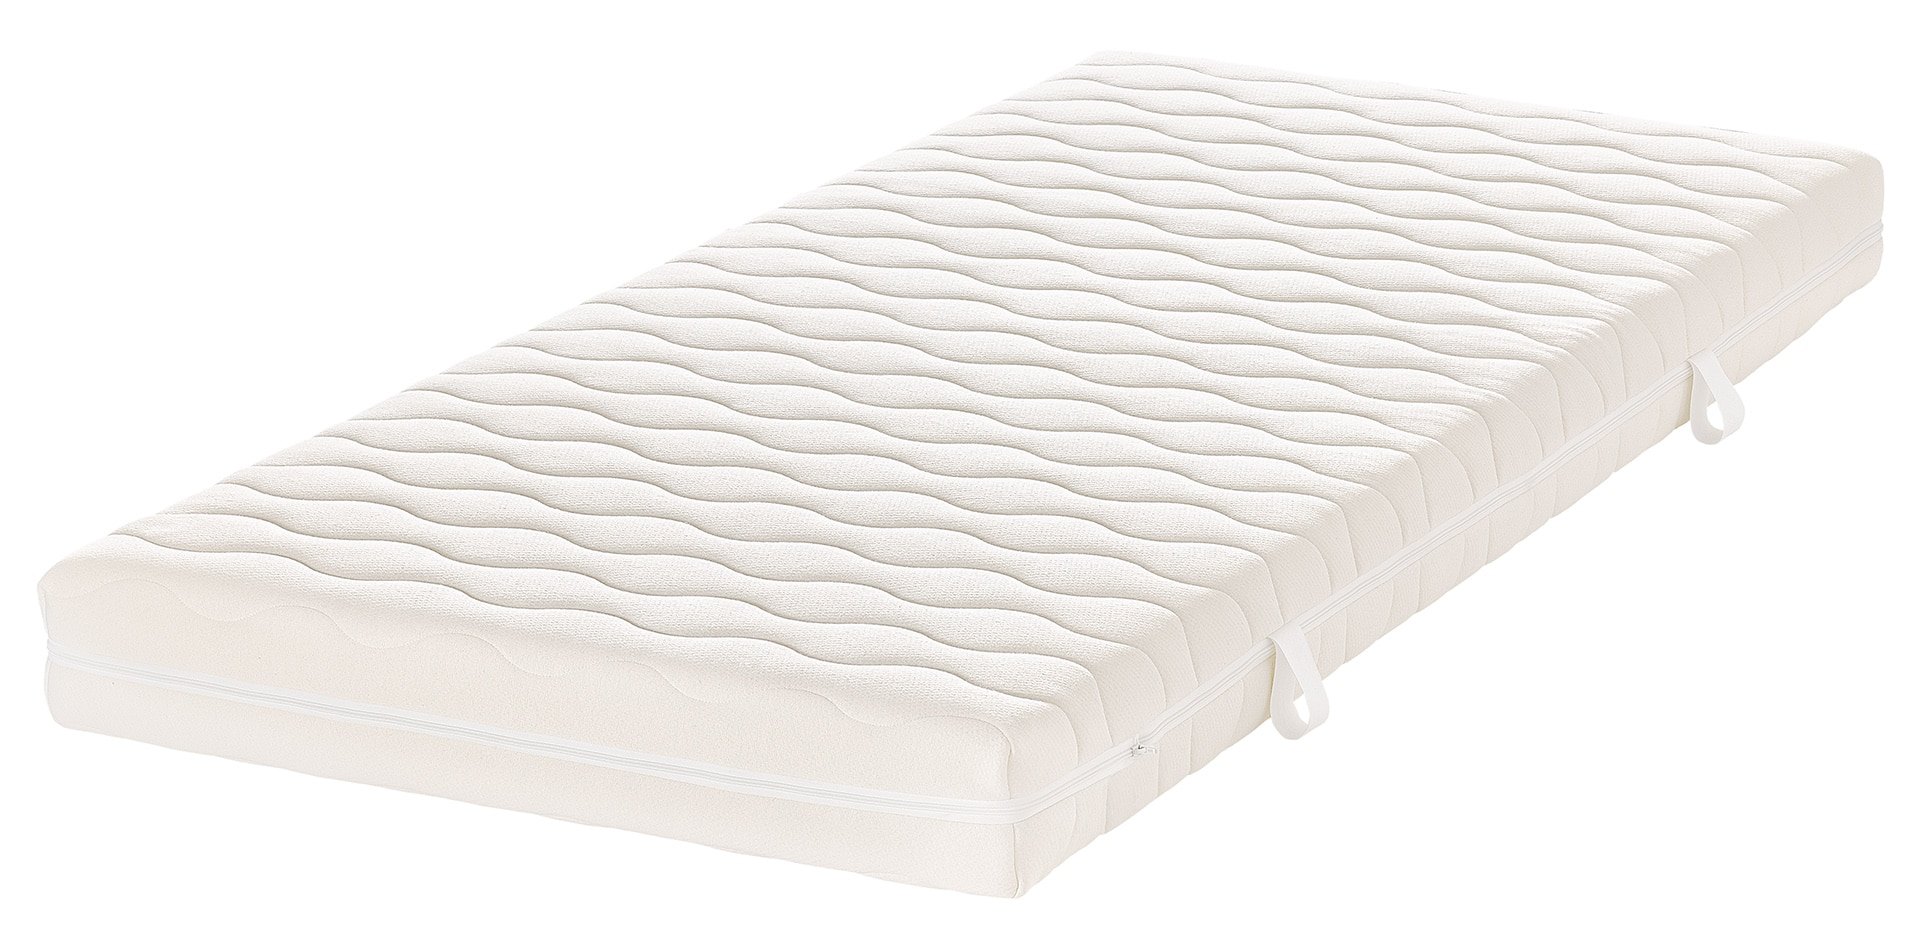 schlafsystem unicum kohler nat rlich einrichten naturholzm bel team 7 naturm bel massivholzm bel. Black Bedroom Furniture Sets. Home Design Ideas